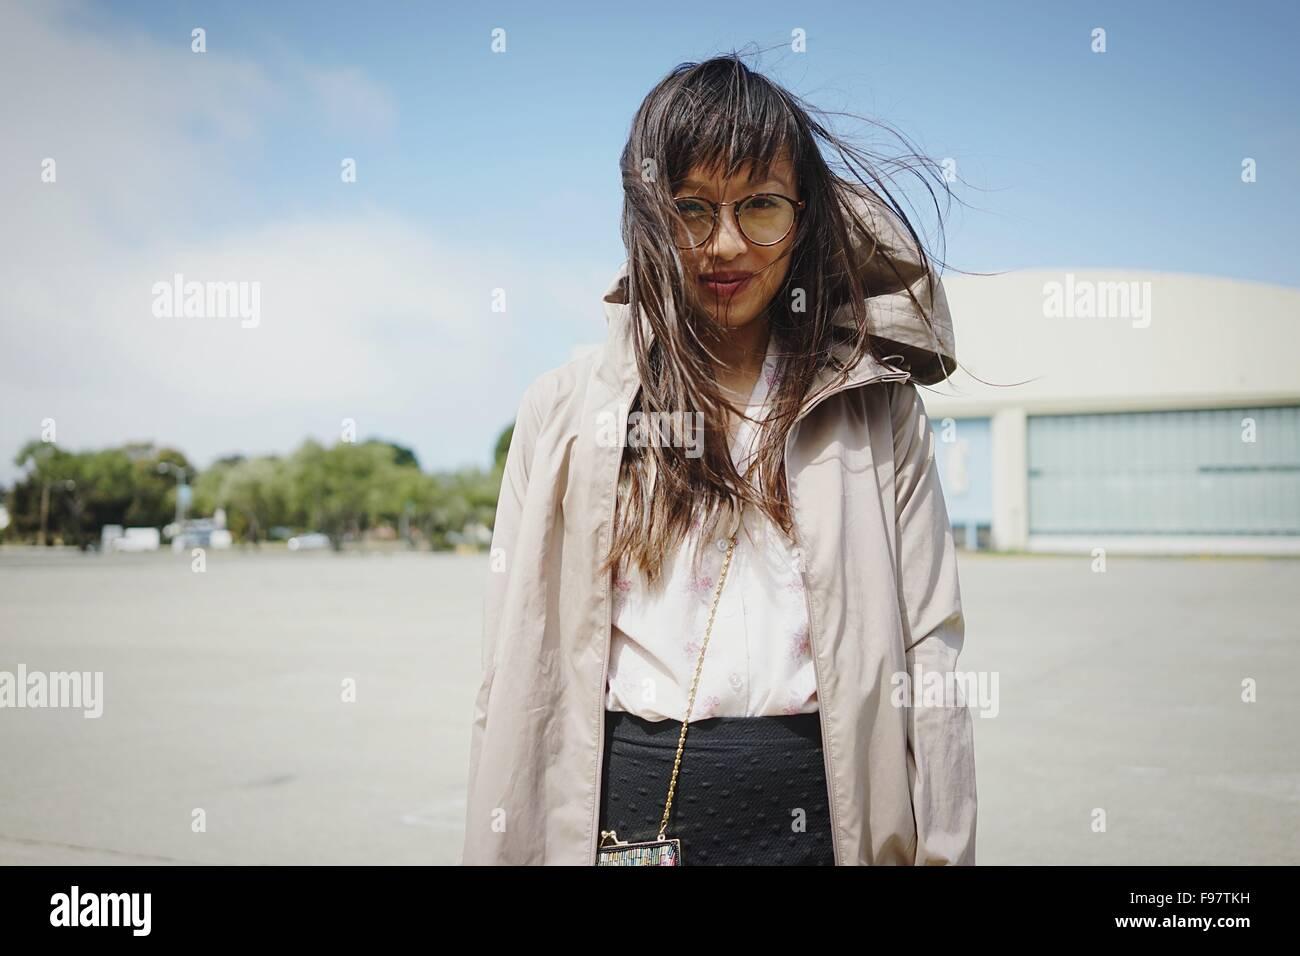 Portrait de femme debout en s'appuyant contre le ciel Photo Stock